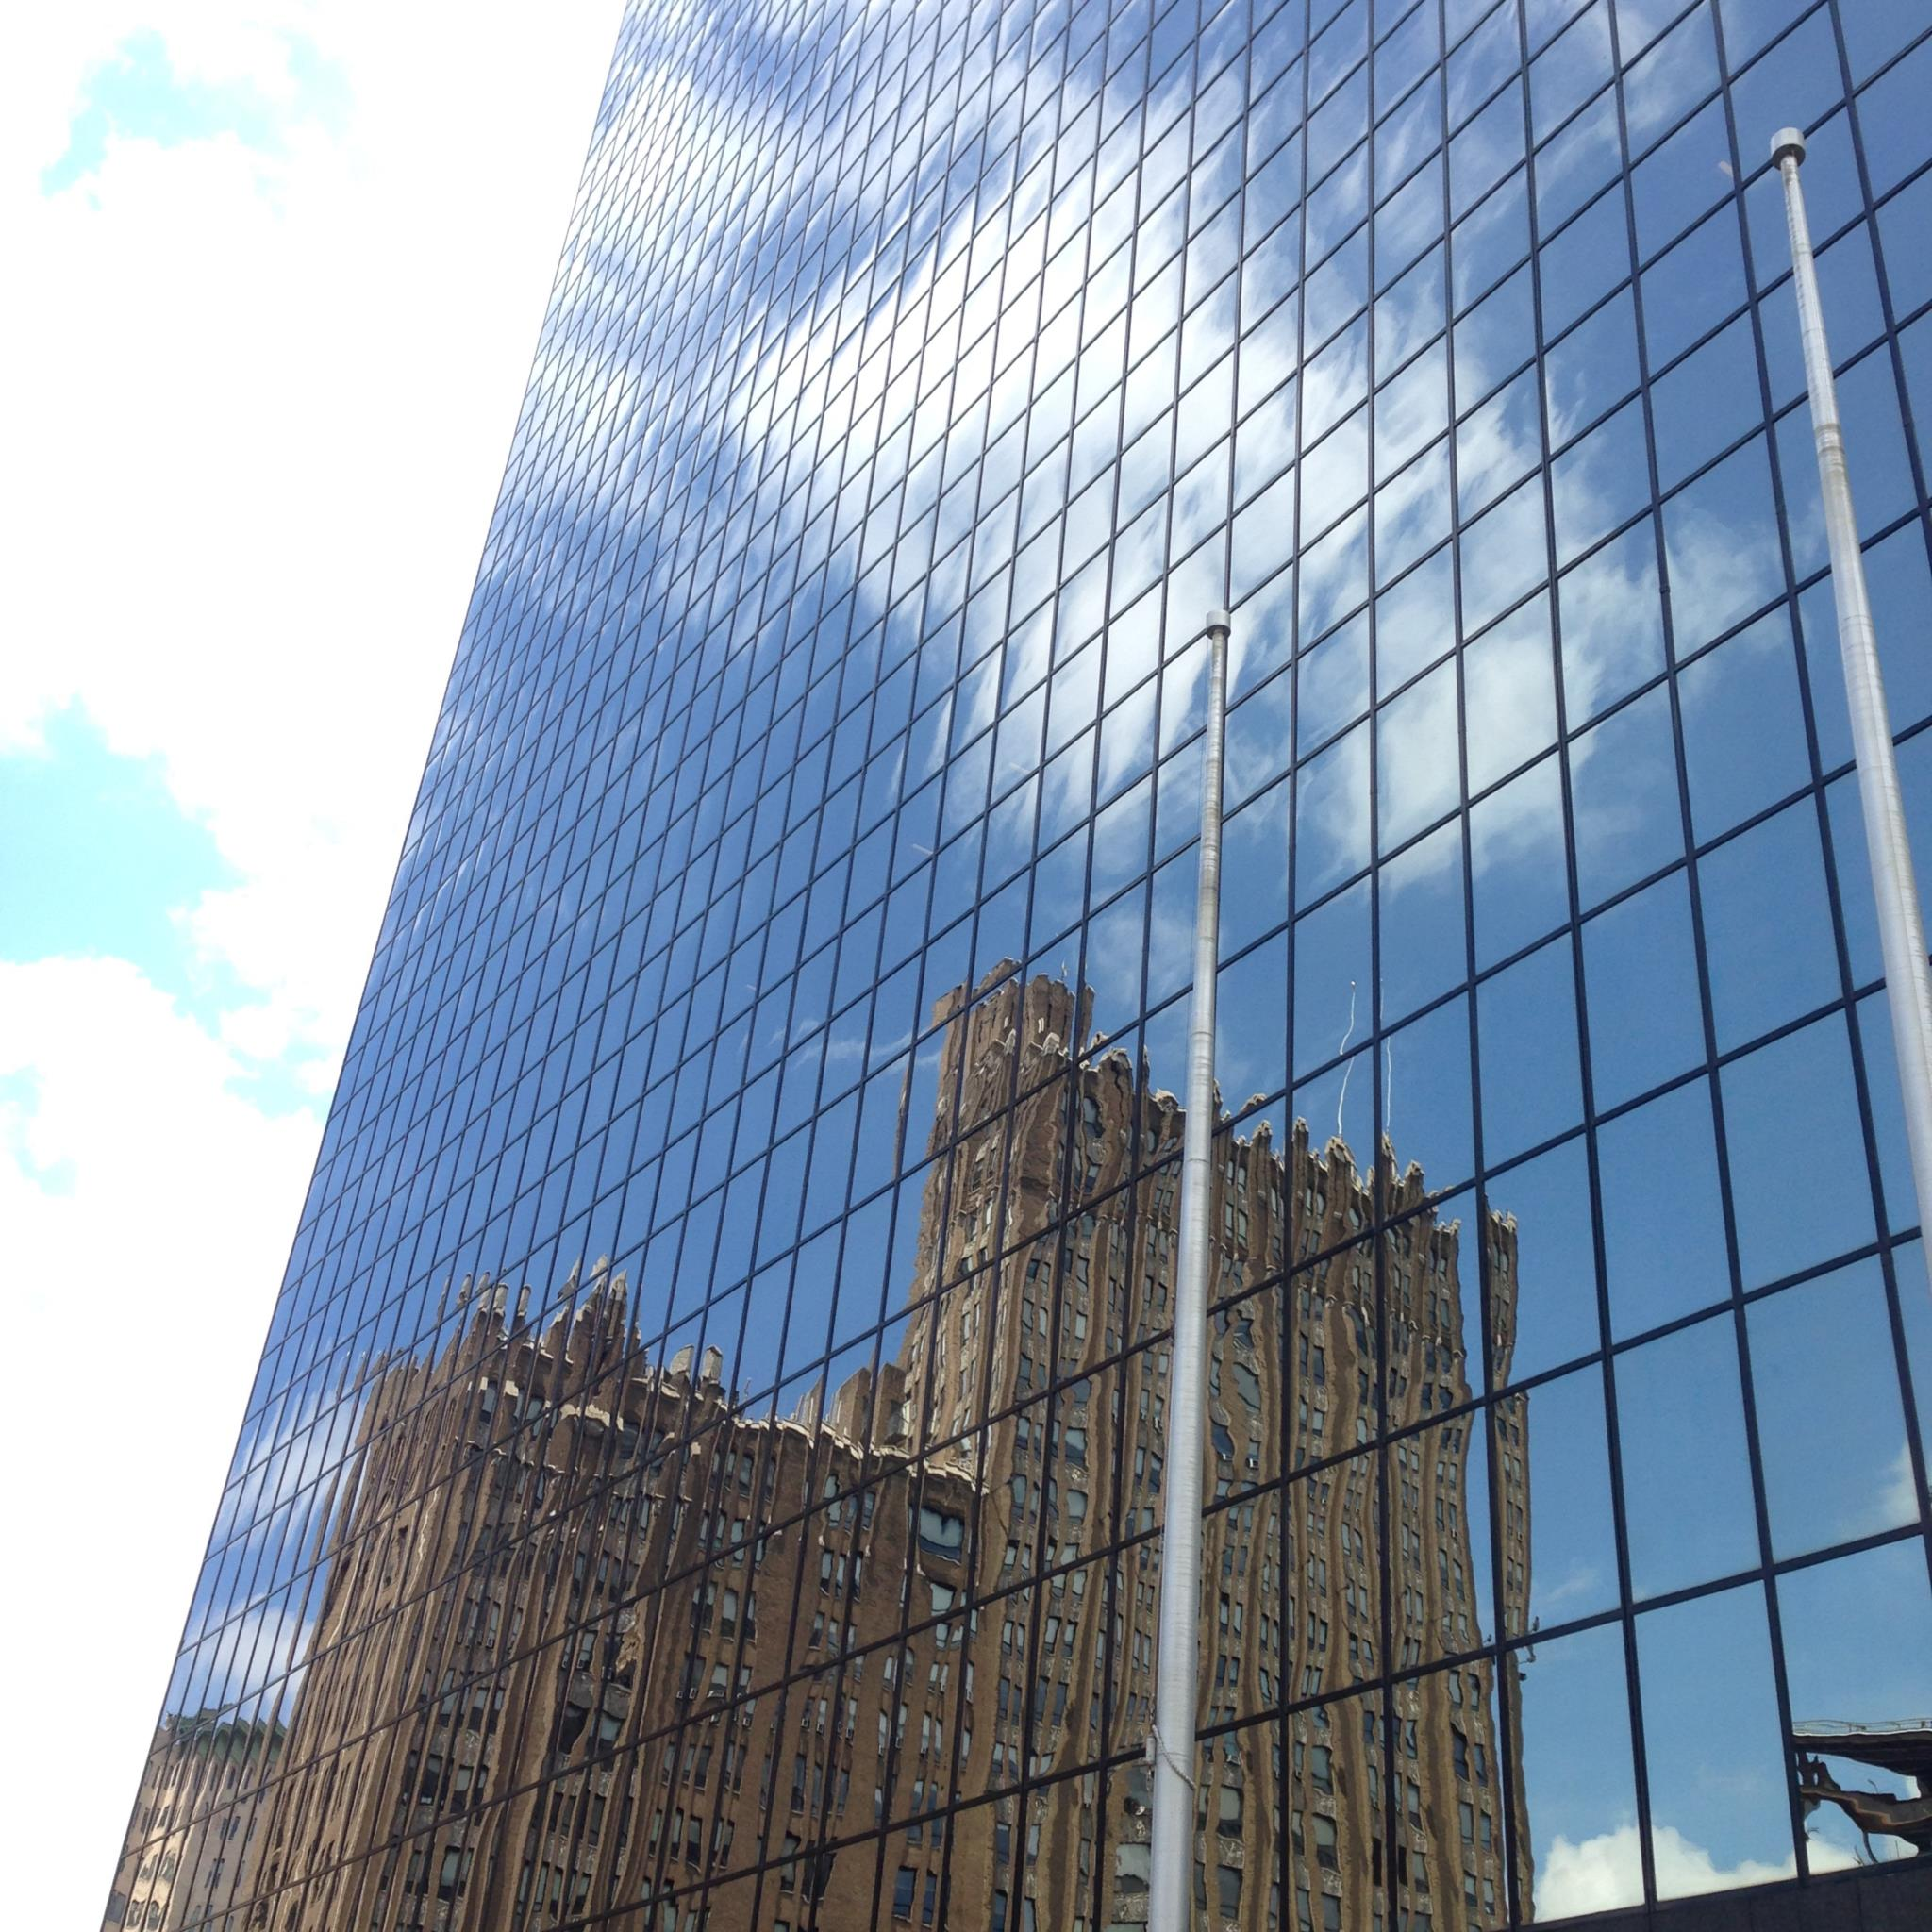 Newark parece querer renascer entre escombros. Há edifícios novos, torres que exibem nomes de seguradoras, bancos, multinacionais